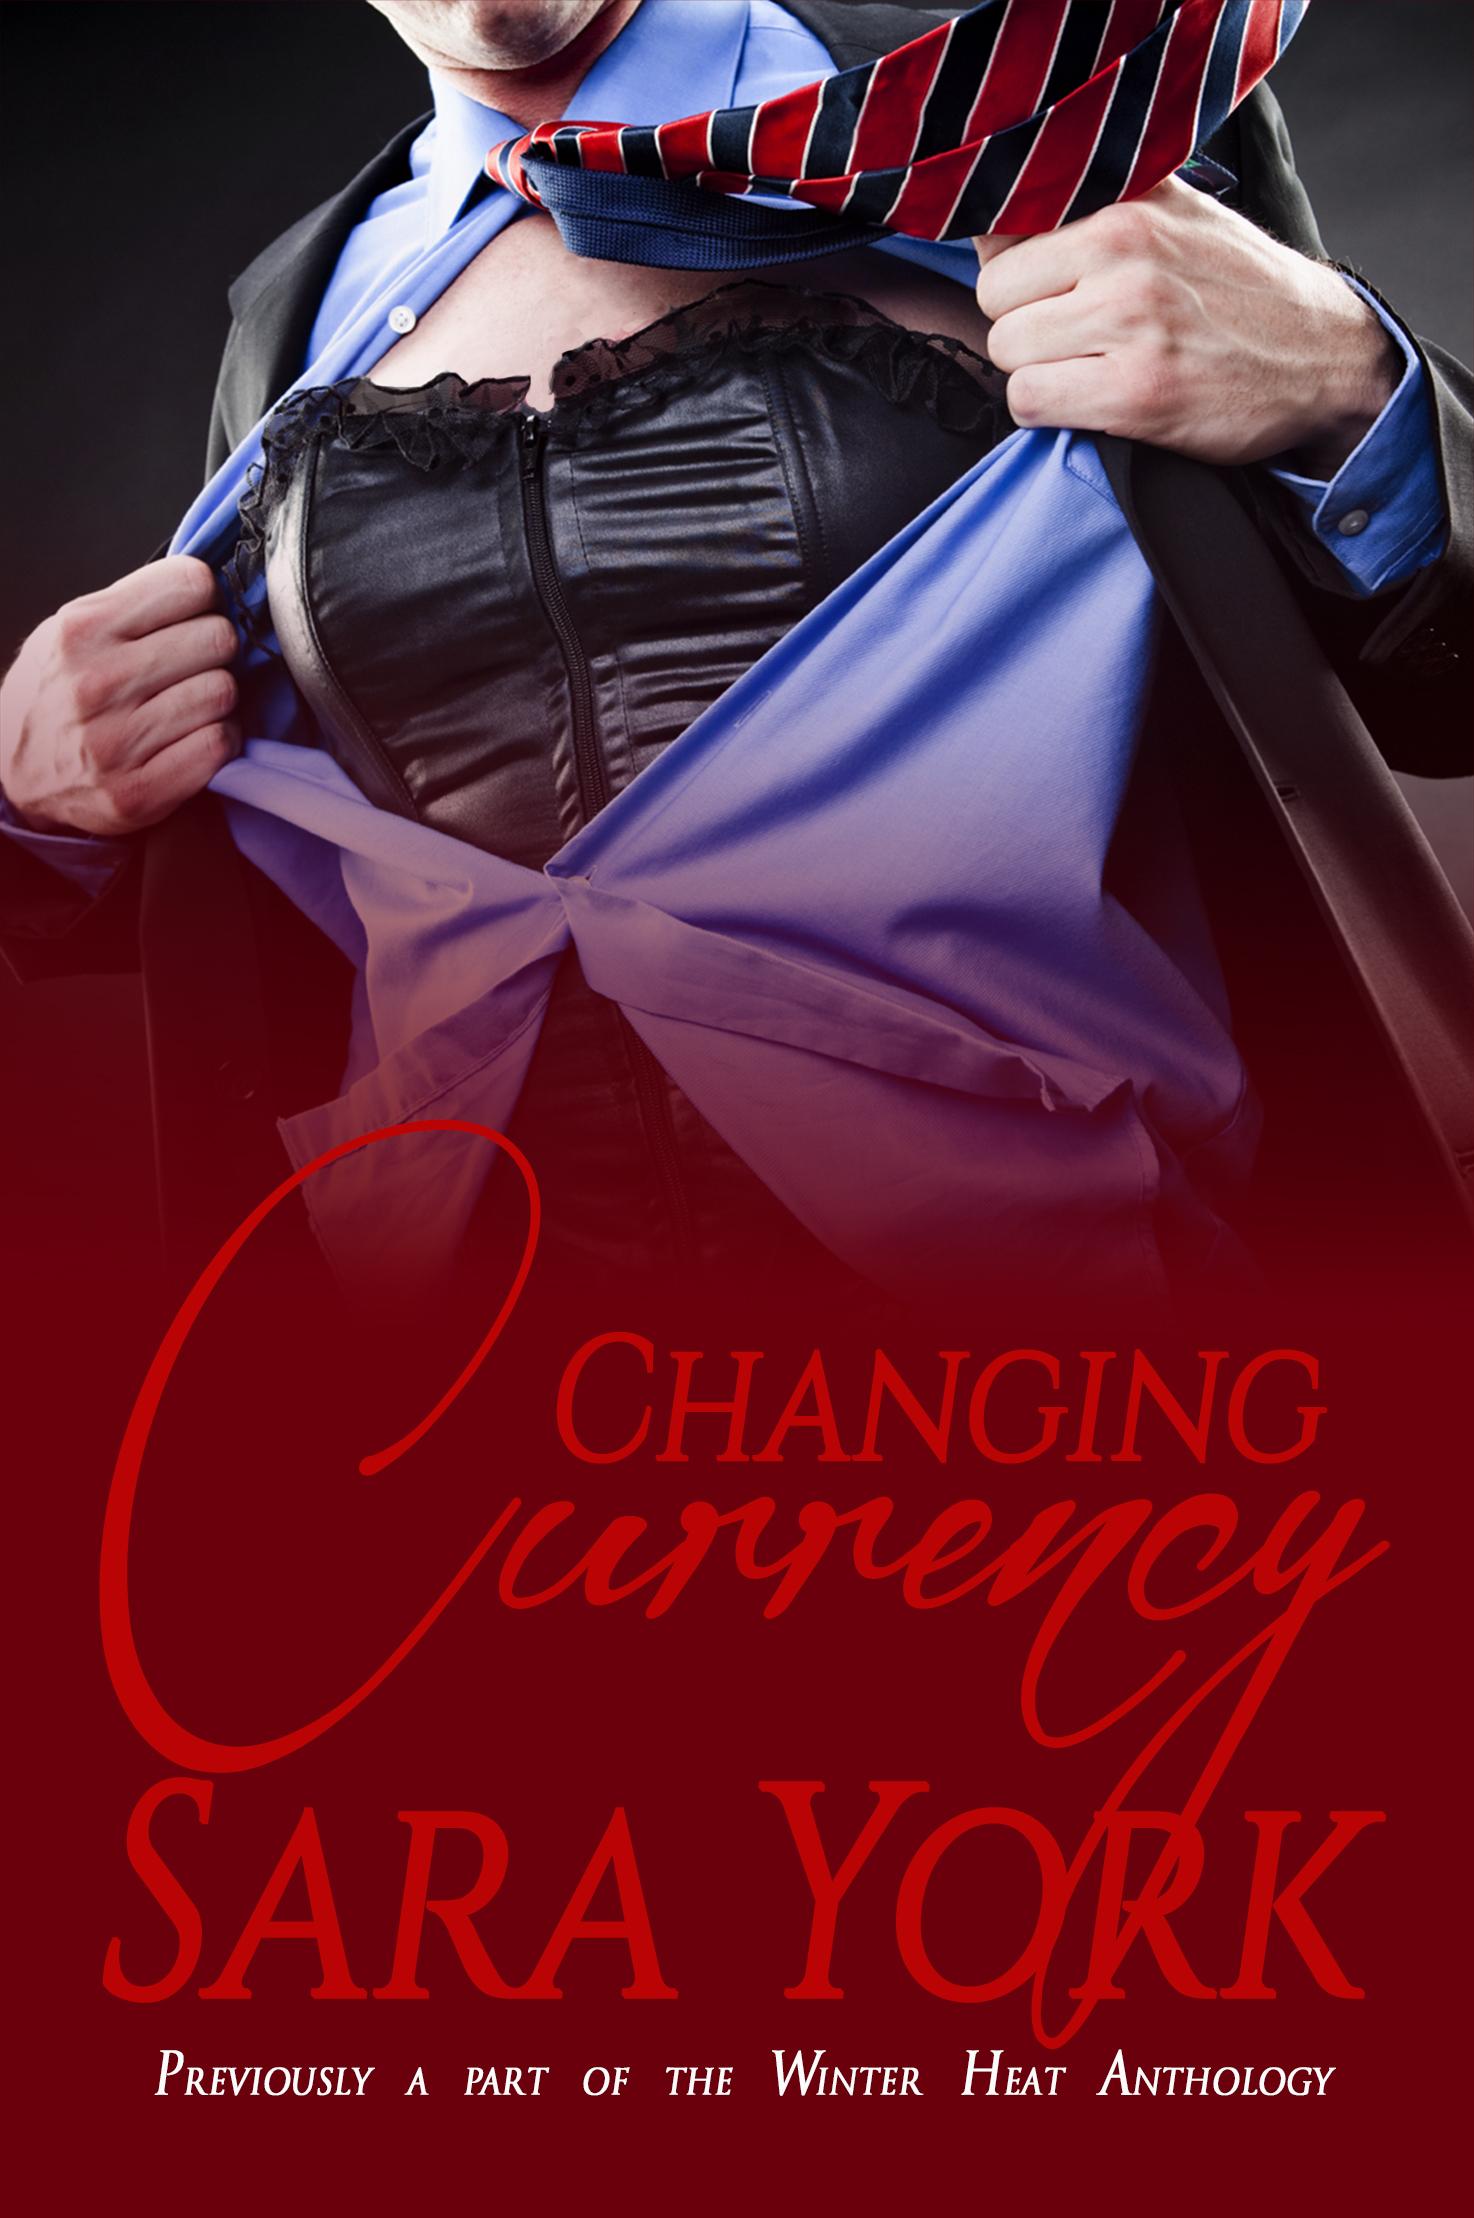 Sara York - Changing Currency